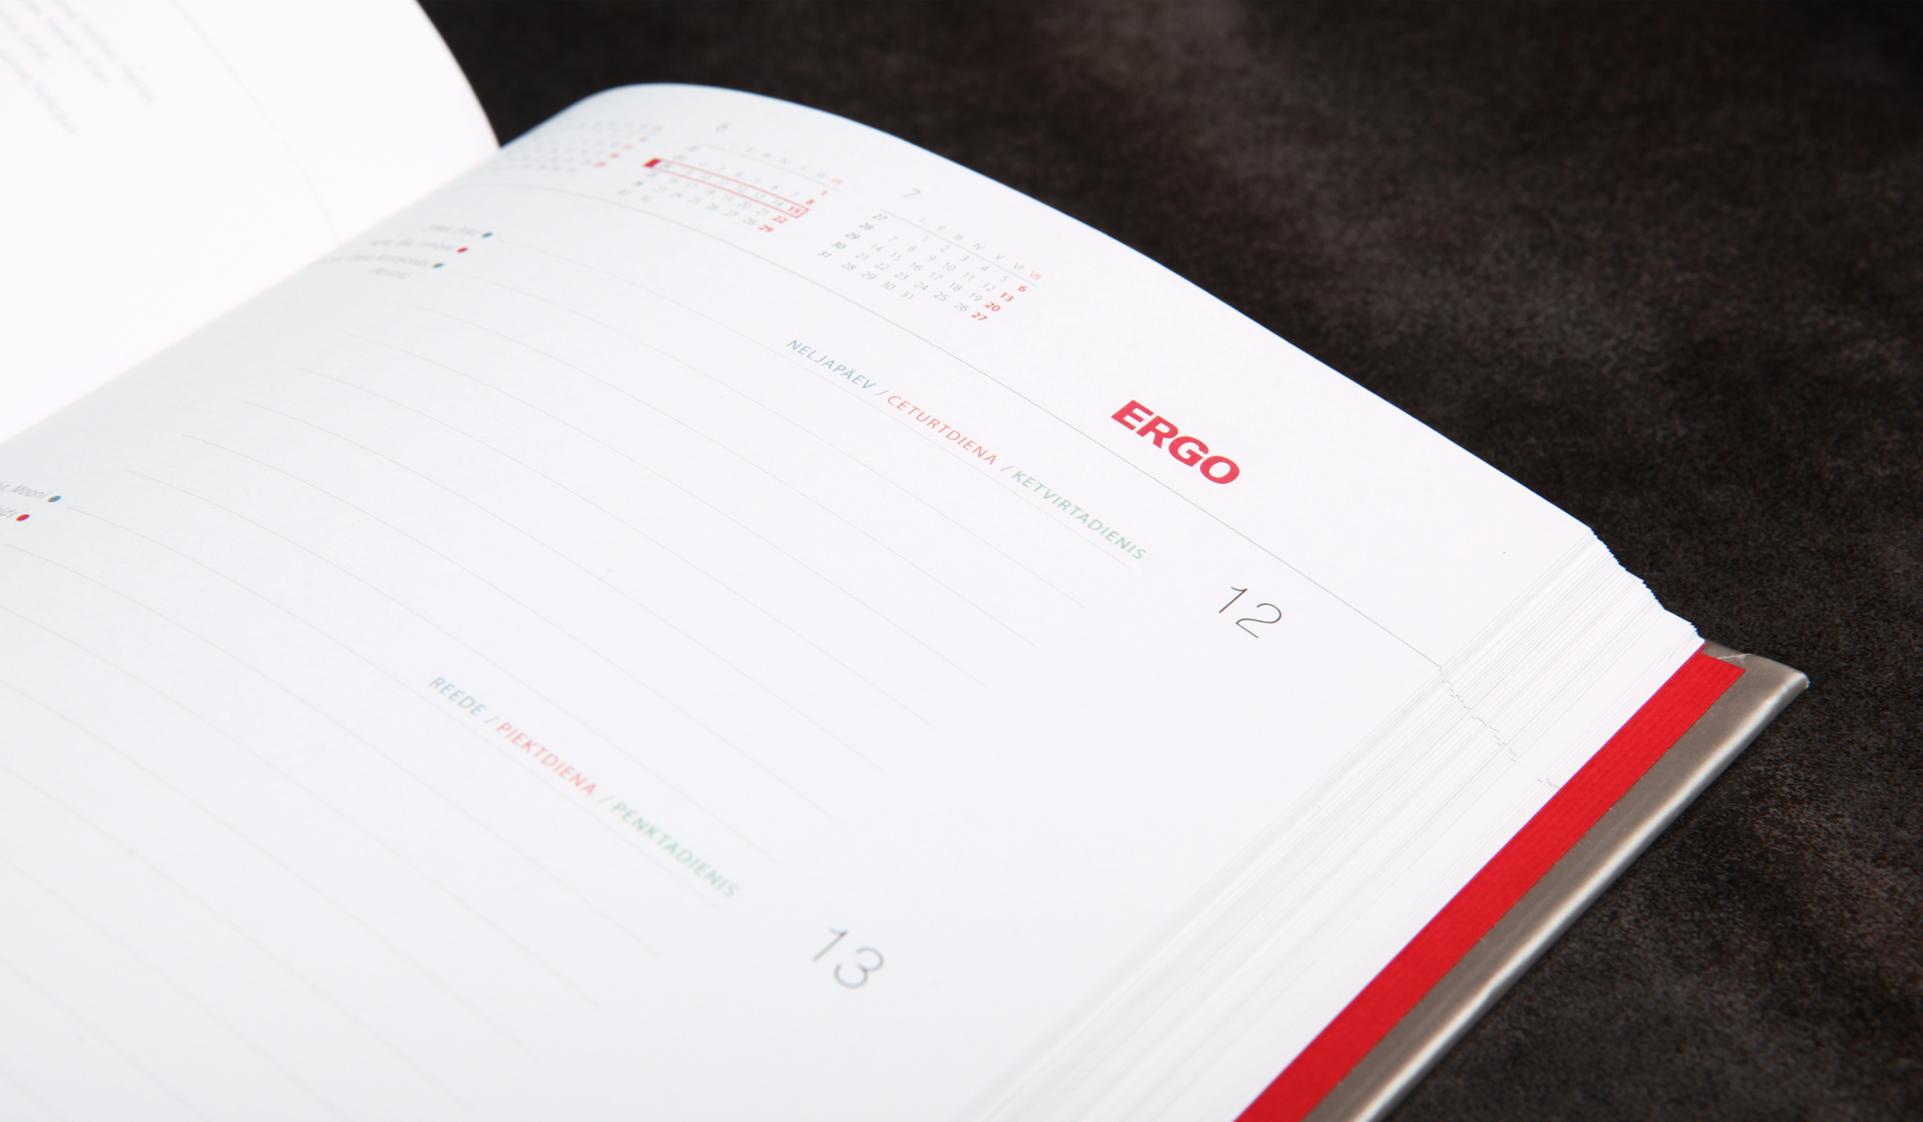 Ergo Calendar